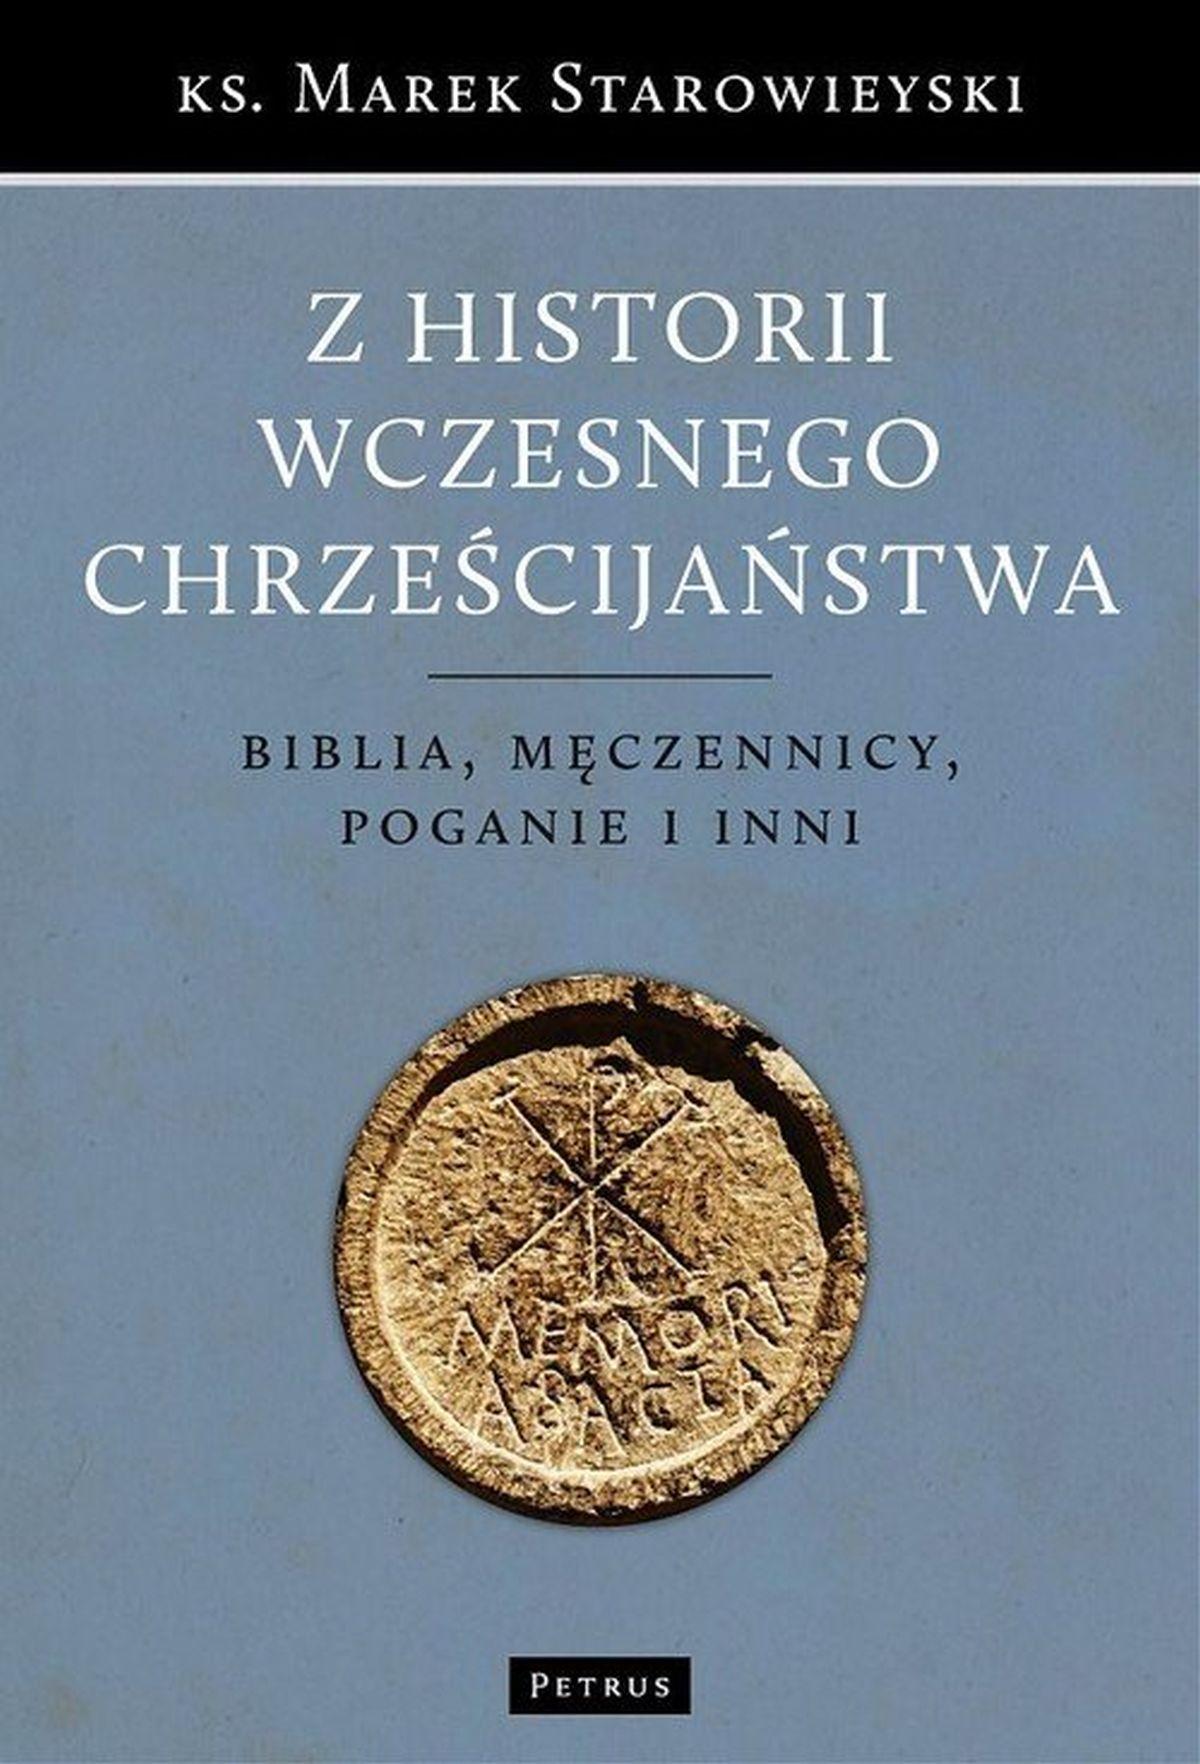 ks. Marek Starowieyski, Z historii wczesnego chrześcijaństwa. Biblia, męczennicy, poganie i inni